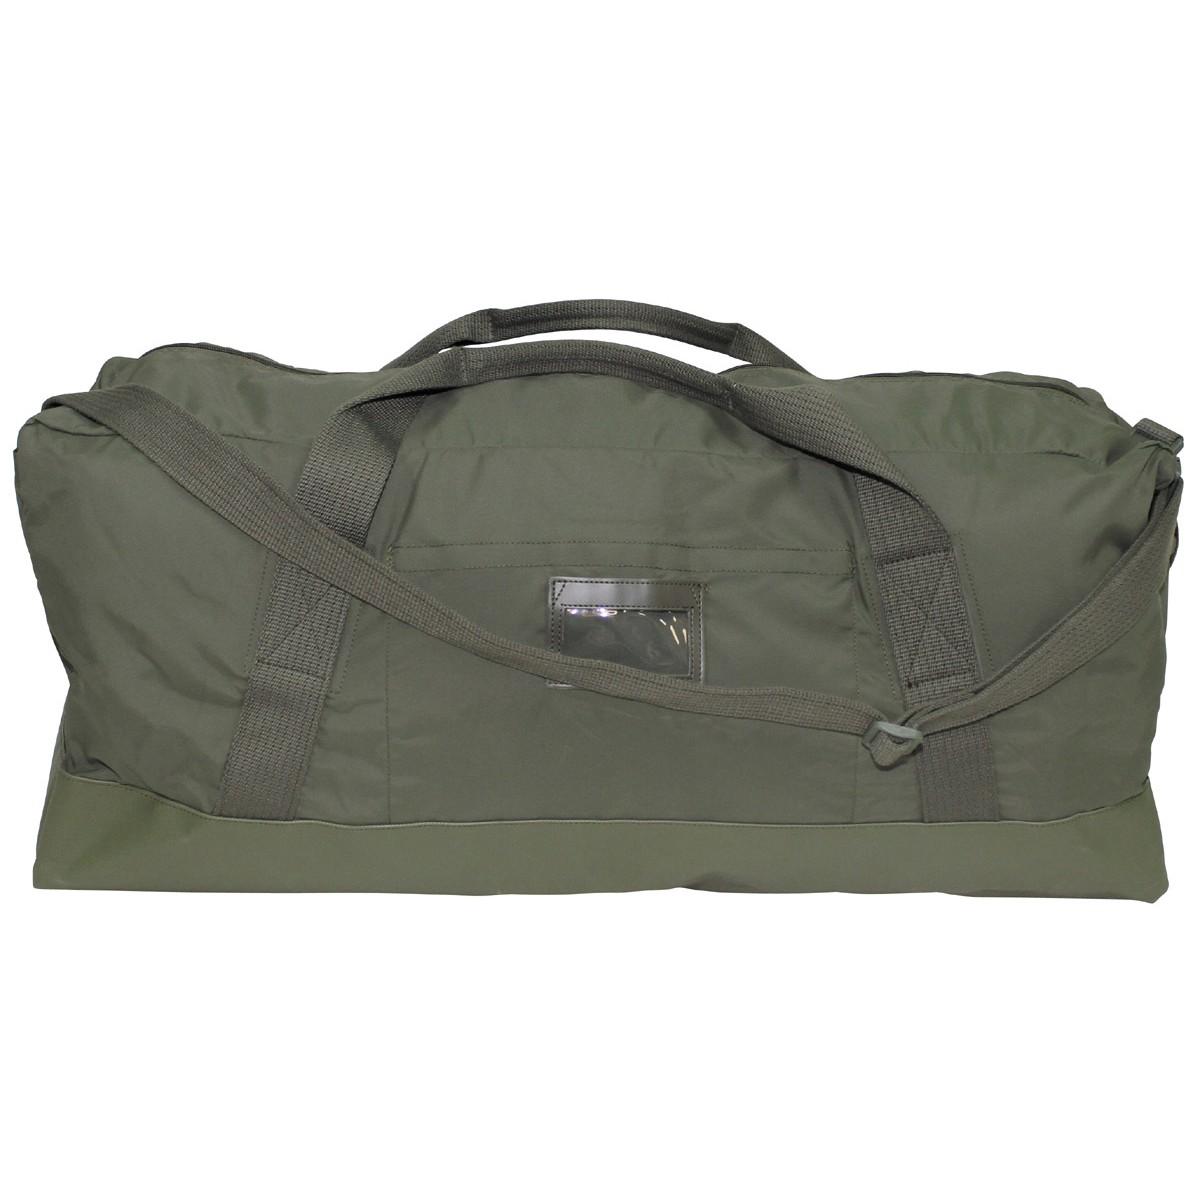 7f90655d3a Francúzska transportná taška Combat F2 originál - nová